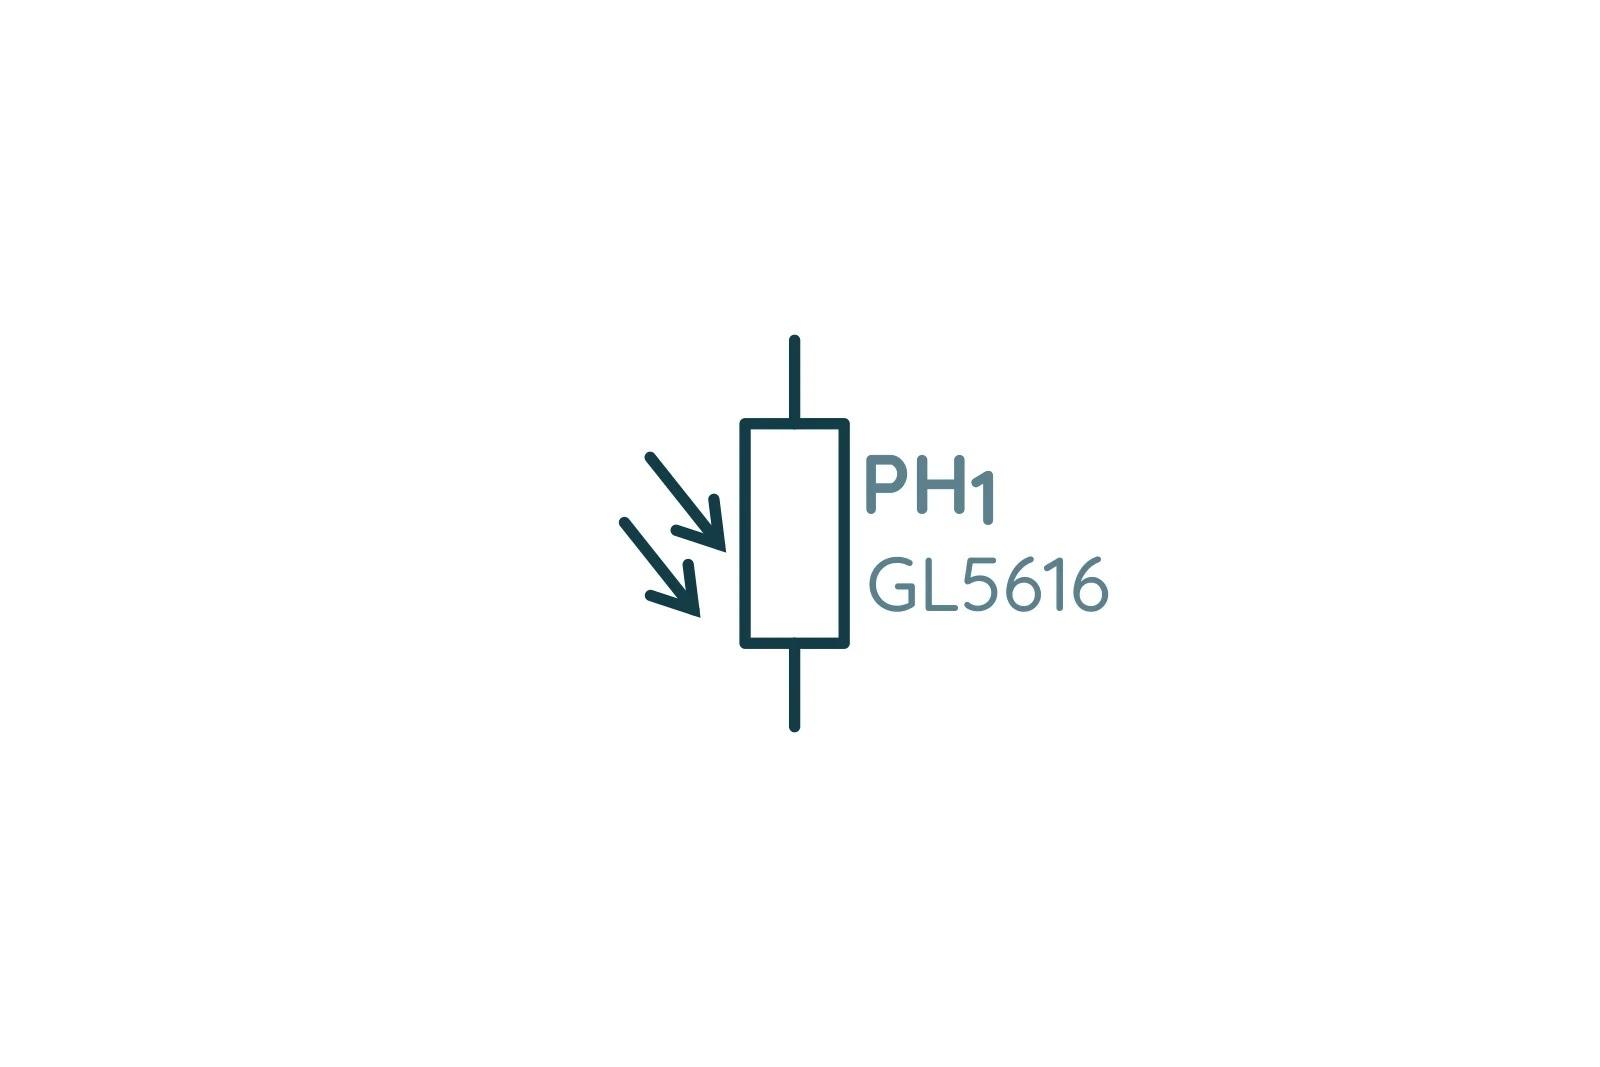 Обозначение фоторезистора